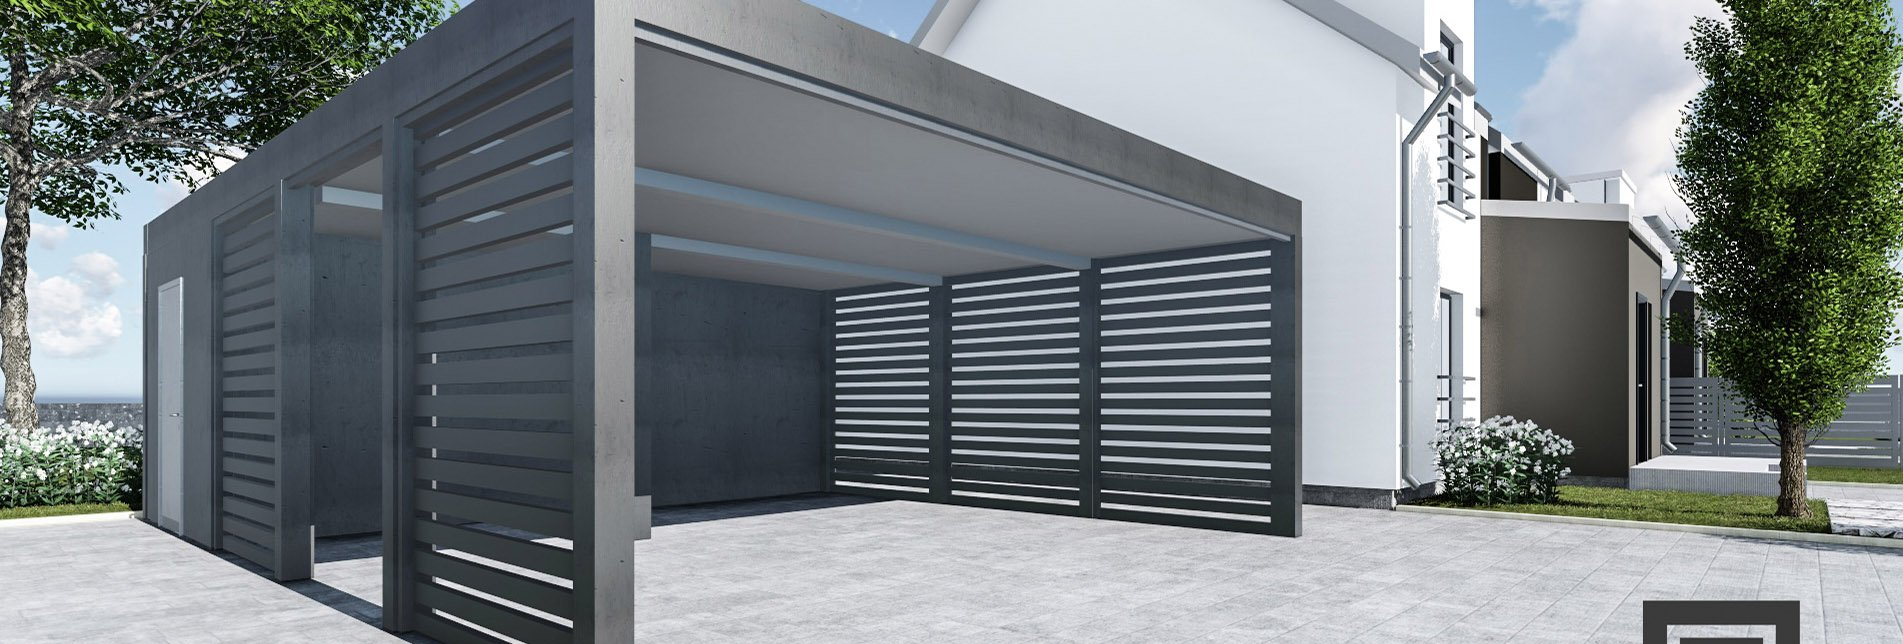 Duża wiata garażowa palisada z pomieszczeniem gospodarczym